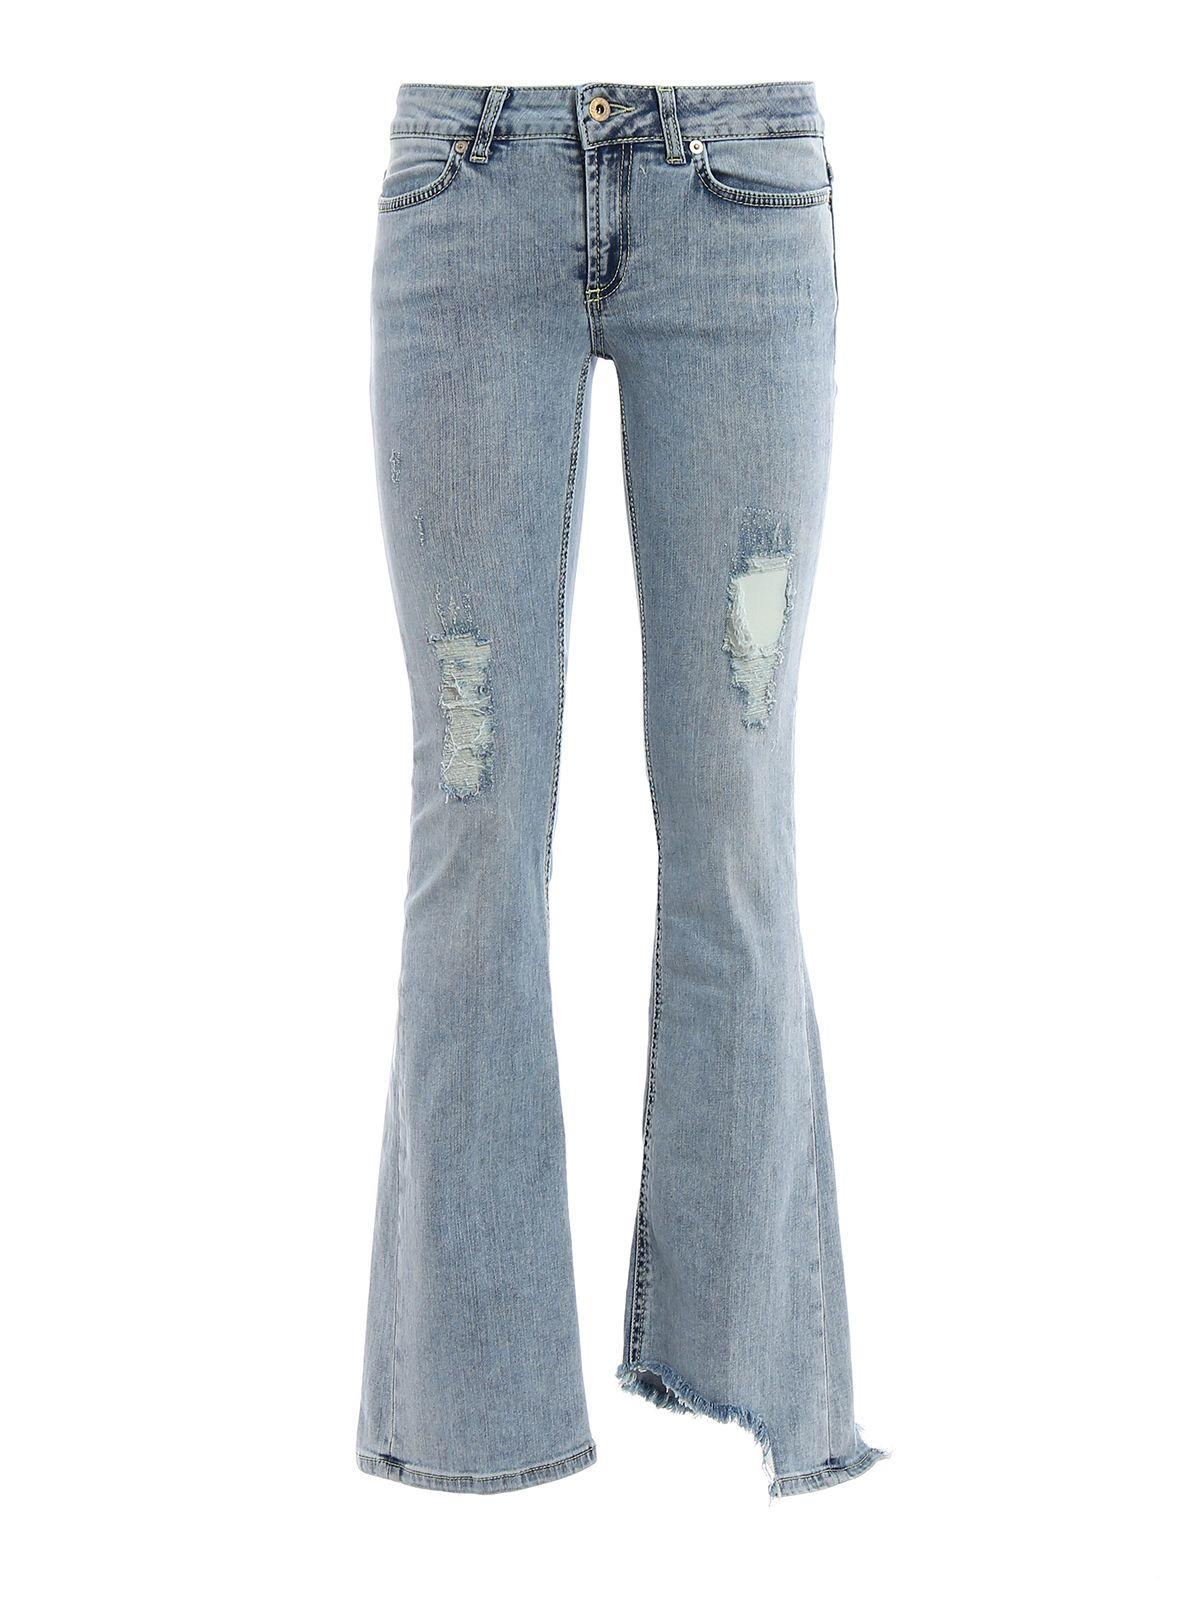 Jeans, Black, Cotton, 2017, 25 29 30 Dondup